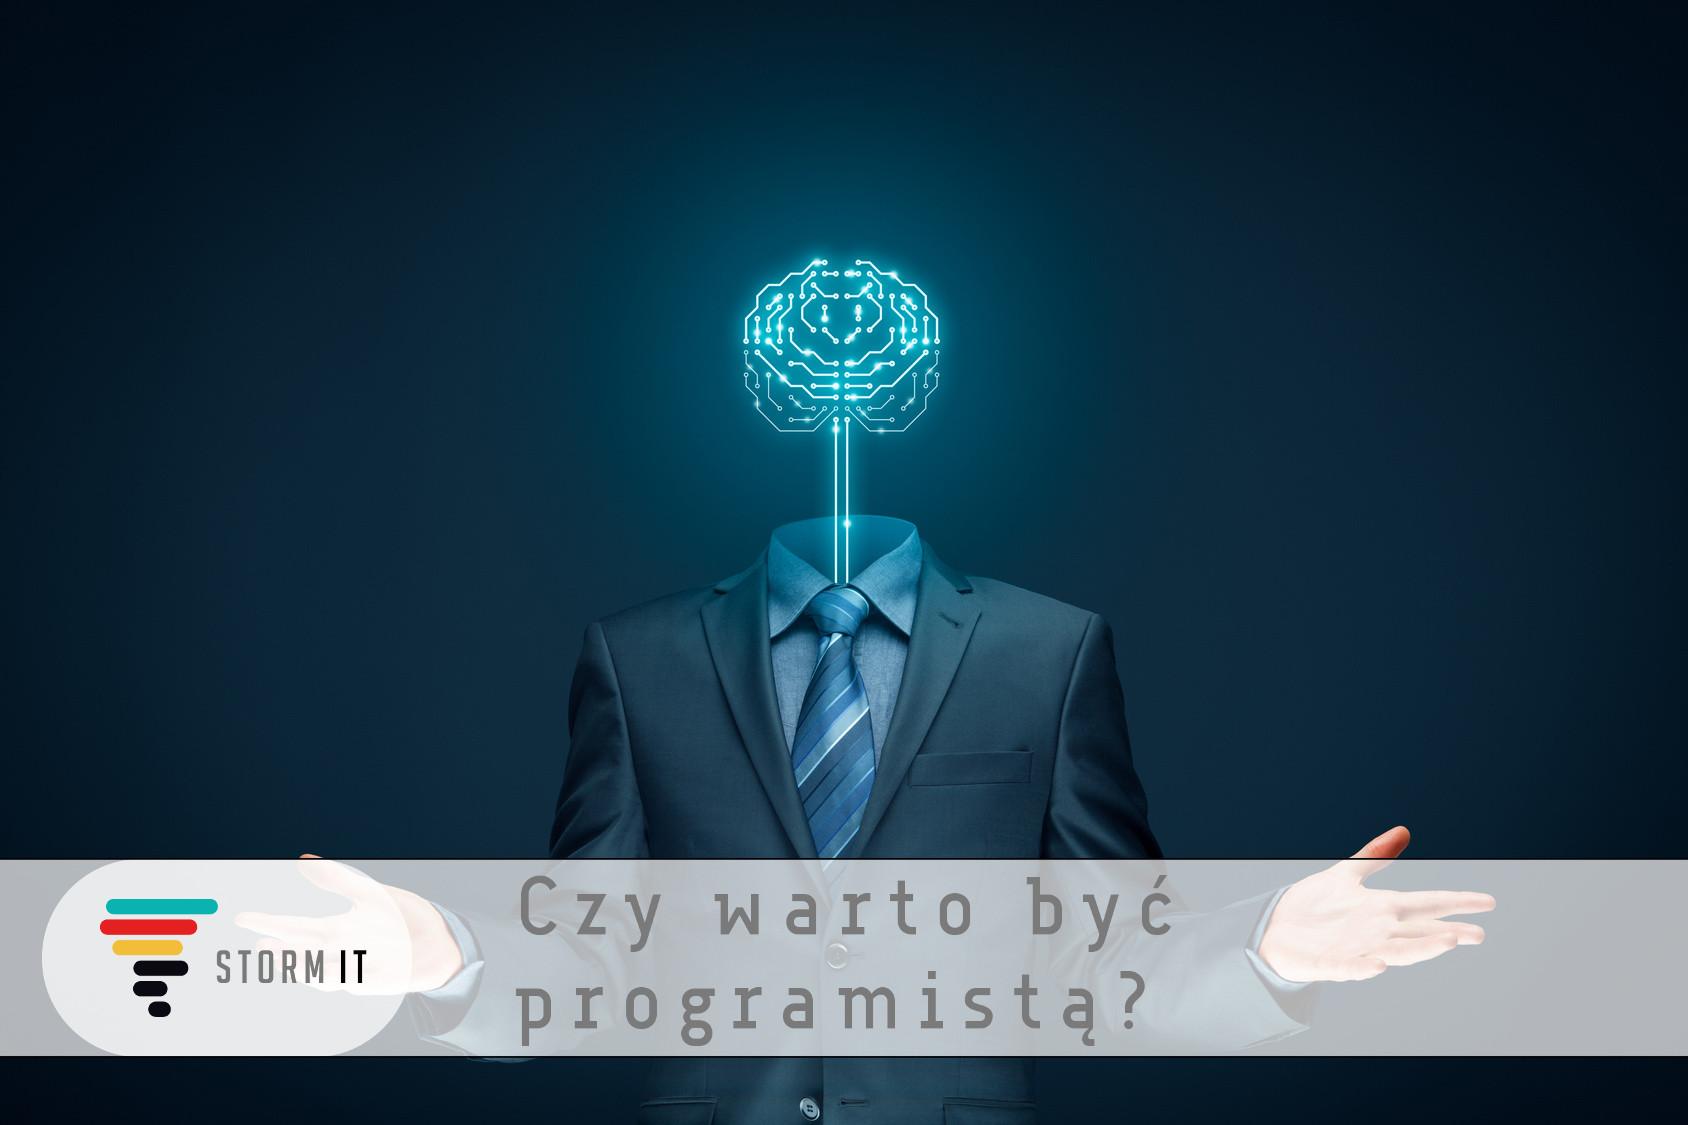 Czy warto być programistą?